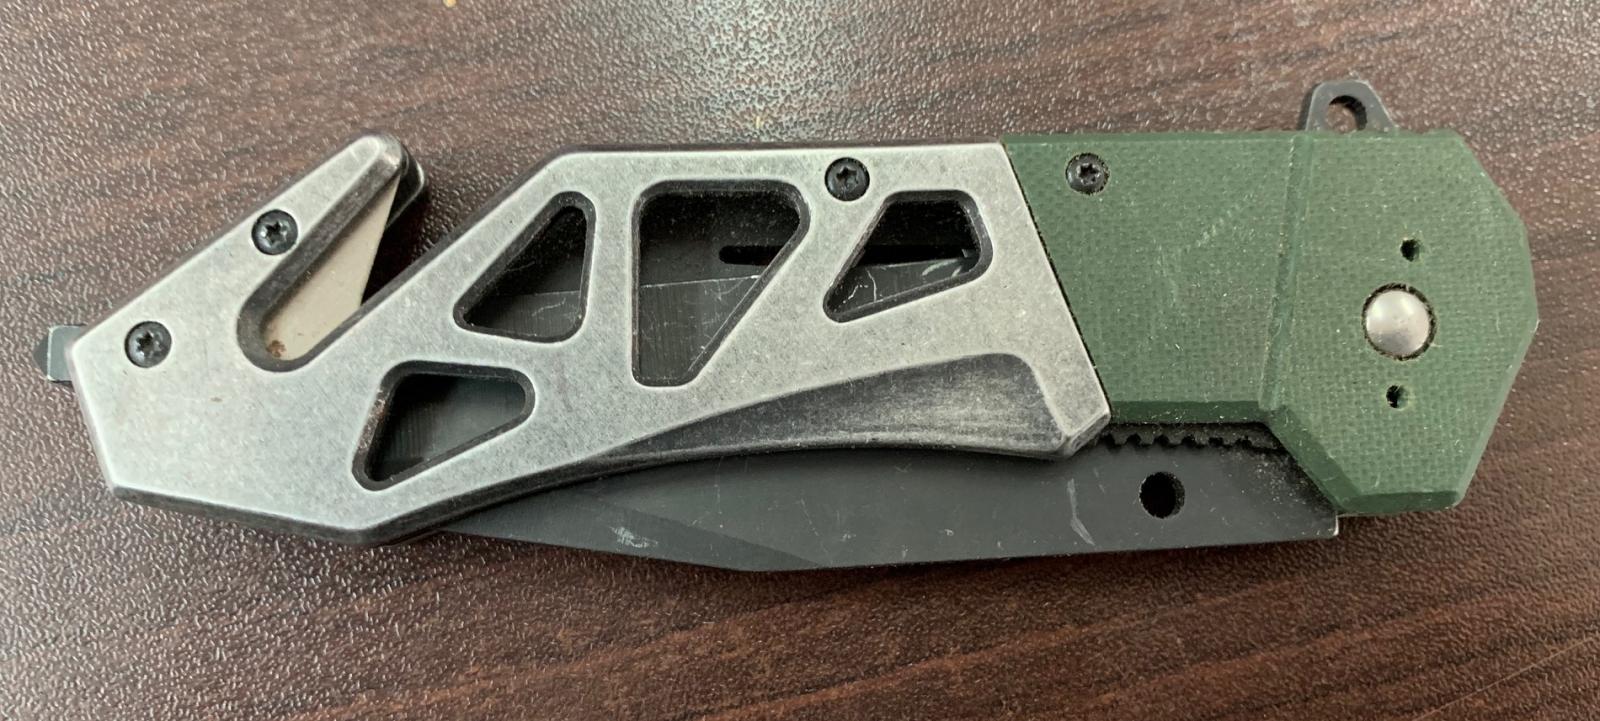 Складной тактический нож с оригинальной рукоятью